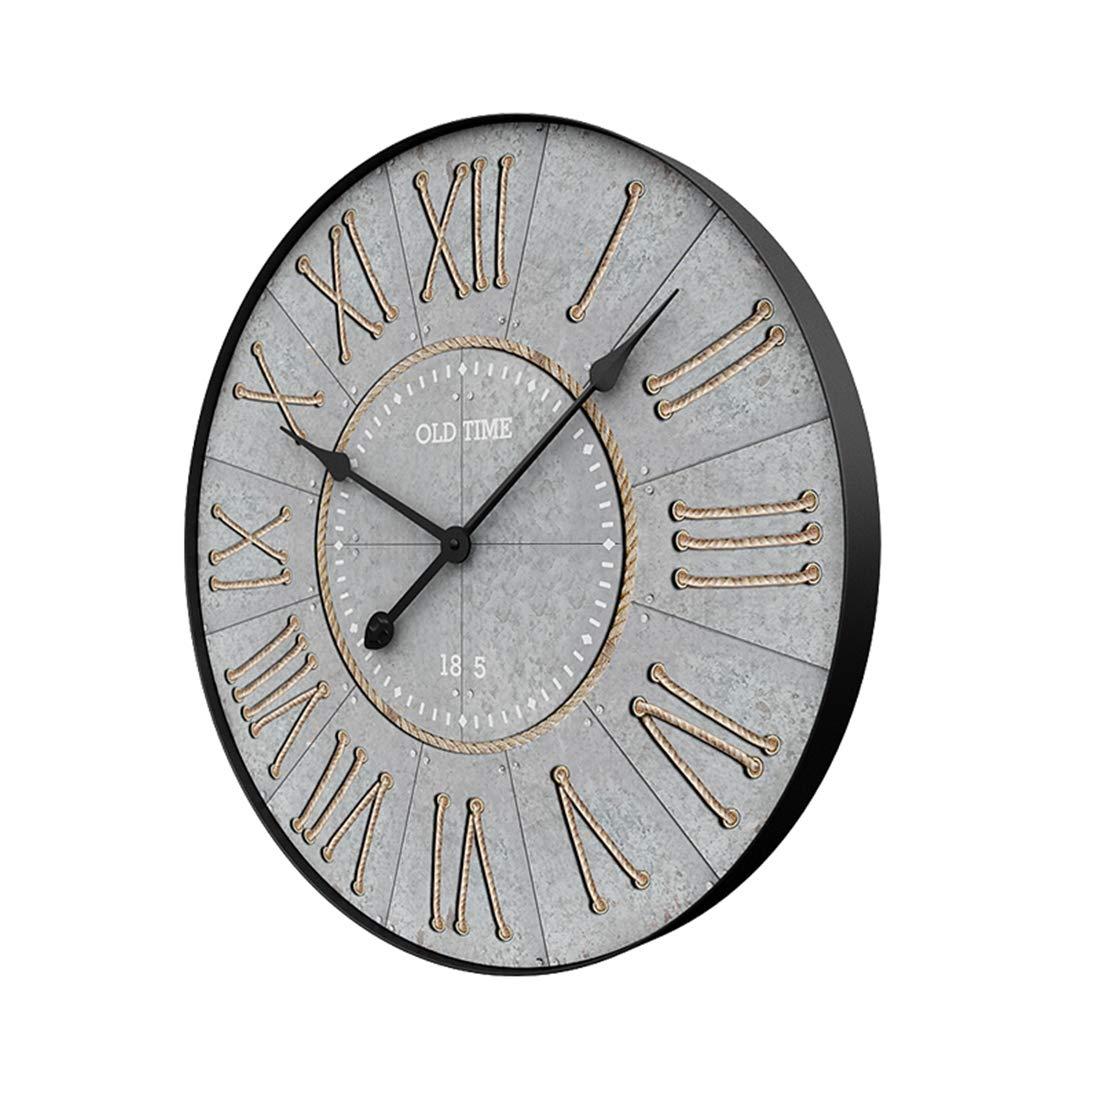 NFtop Antike Wanduhr groß Wanduhr Ohne Tickgeräusche Wanduhr Vintage Wanduhr Lautlos Wanduhr Dekorative für Wohnzimmer, Schlafzimmer, Küche, Büro